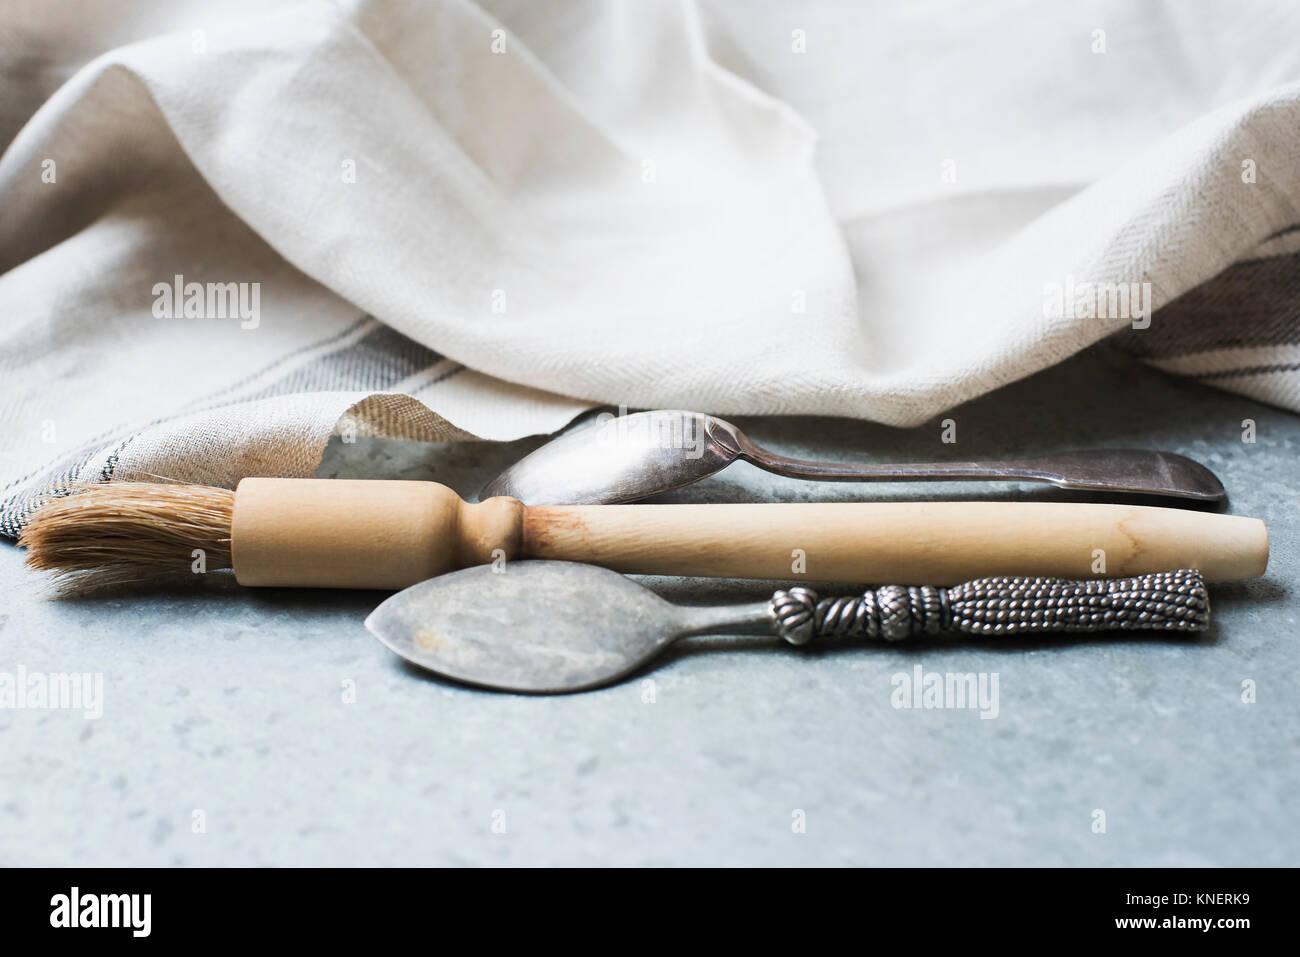 Gebäck Pinsel und Löffel auf den Küchentisch, close-up Stockfoto